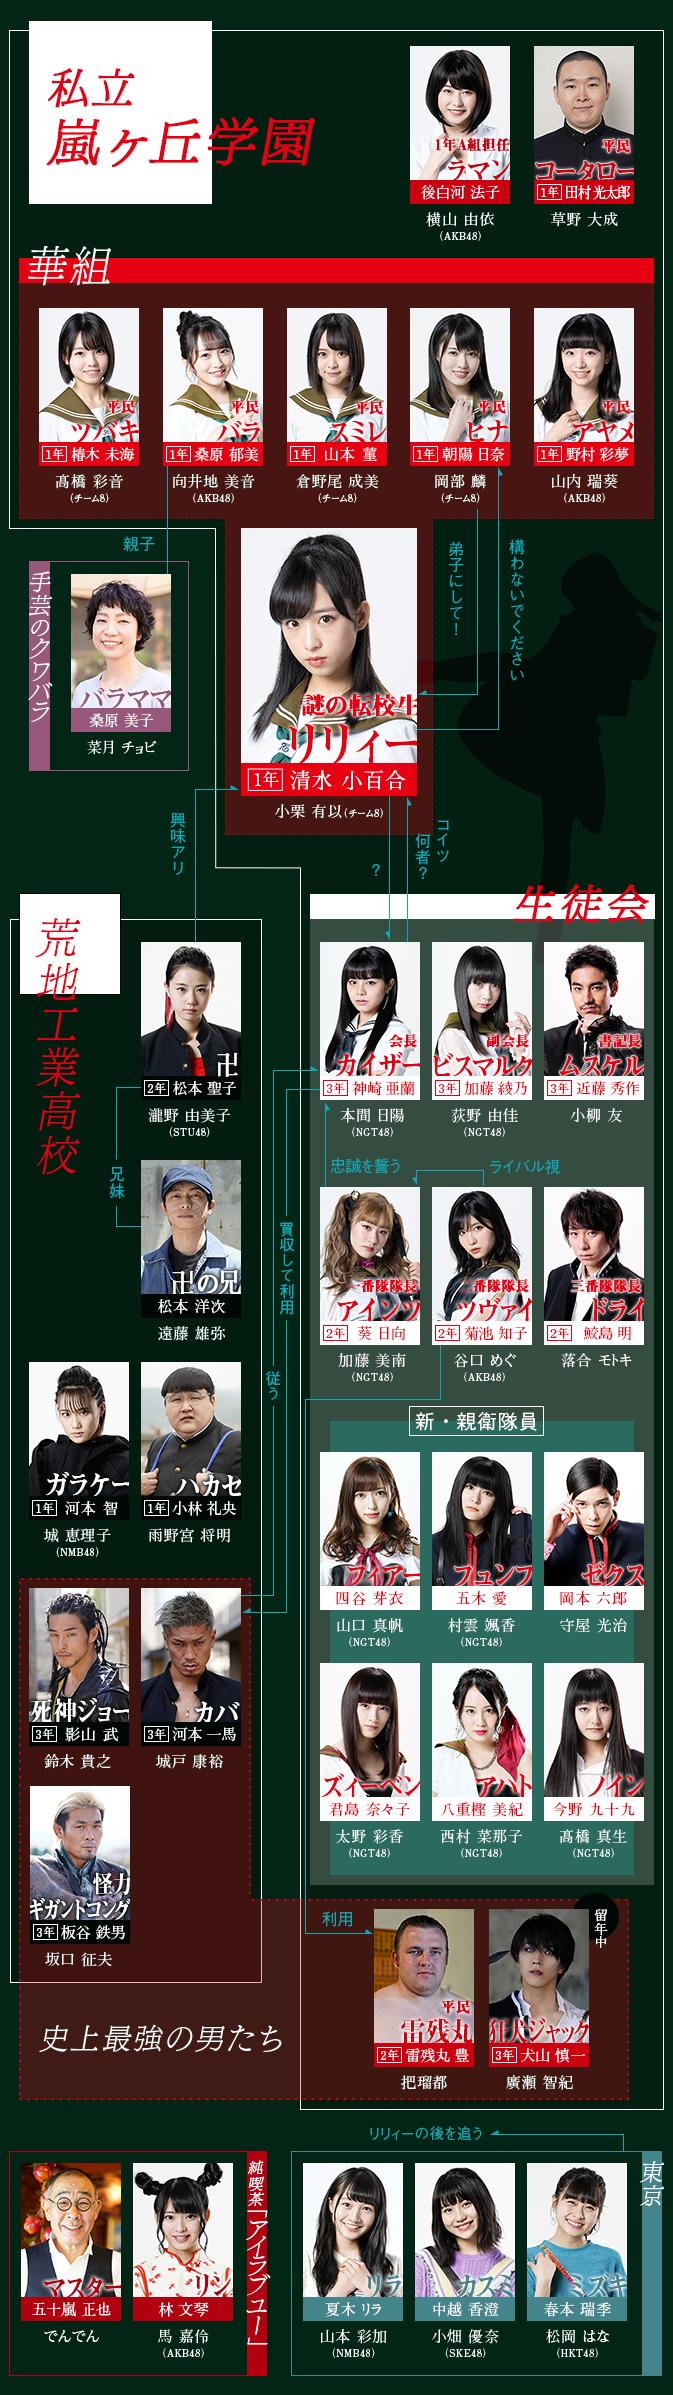 「相関図|マジムリ学園|日本テレビ」的圖片搜尋結果